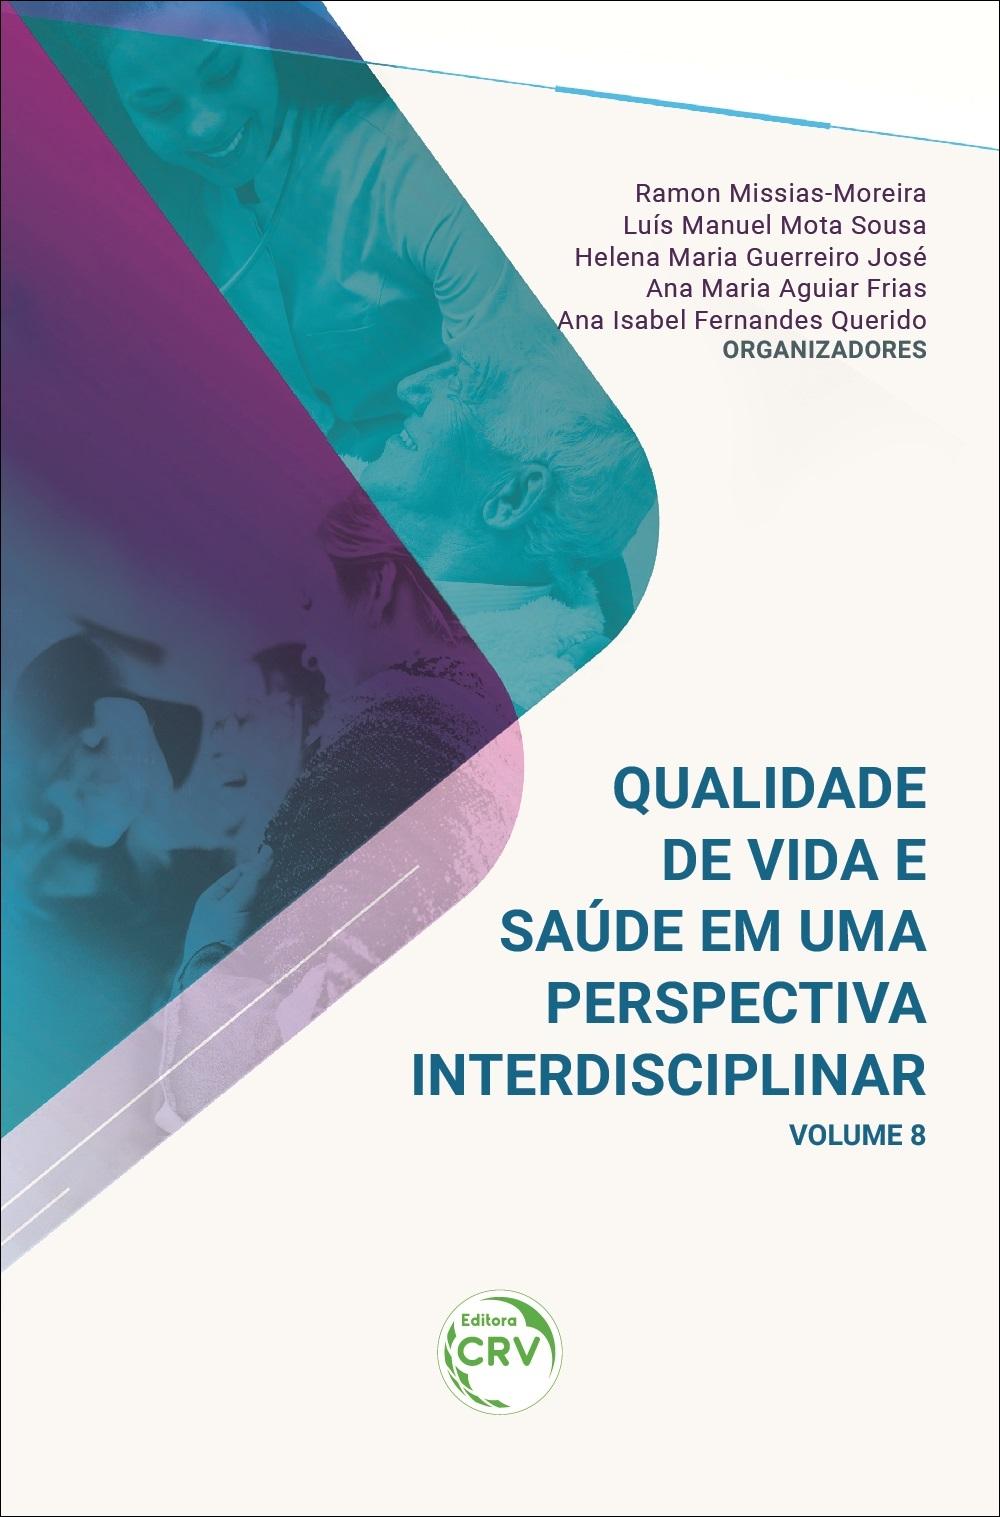 Capa do livro: QUALIDADE DE VIDA E SAÚDE EM UMA PERSPECTIVA INTERDISCIPLINAR <br>Volume 8